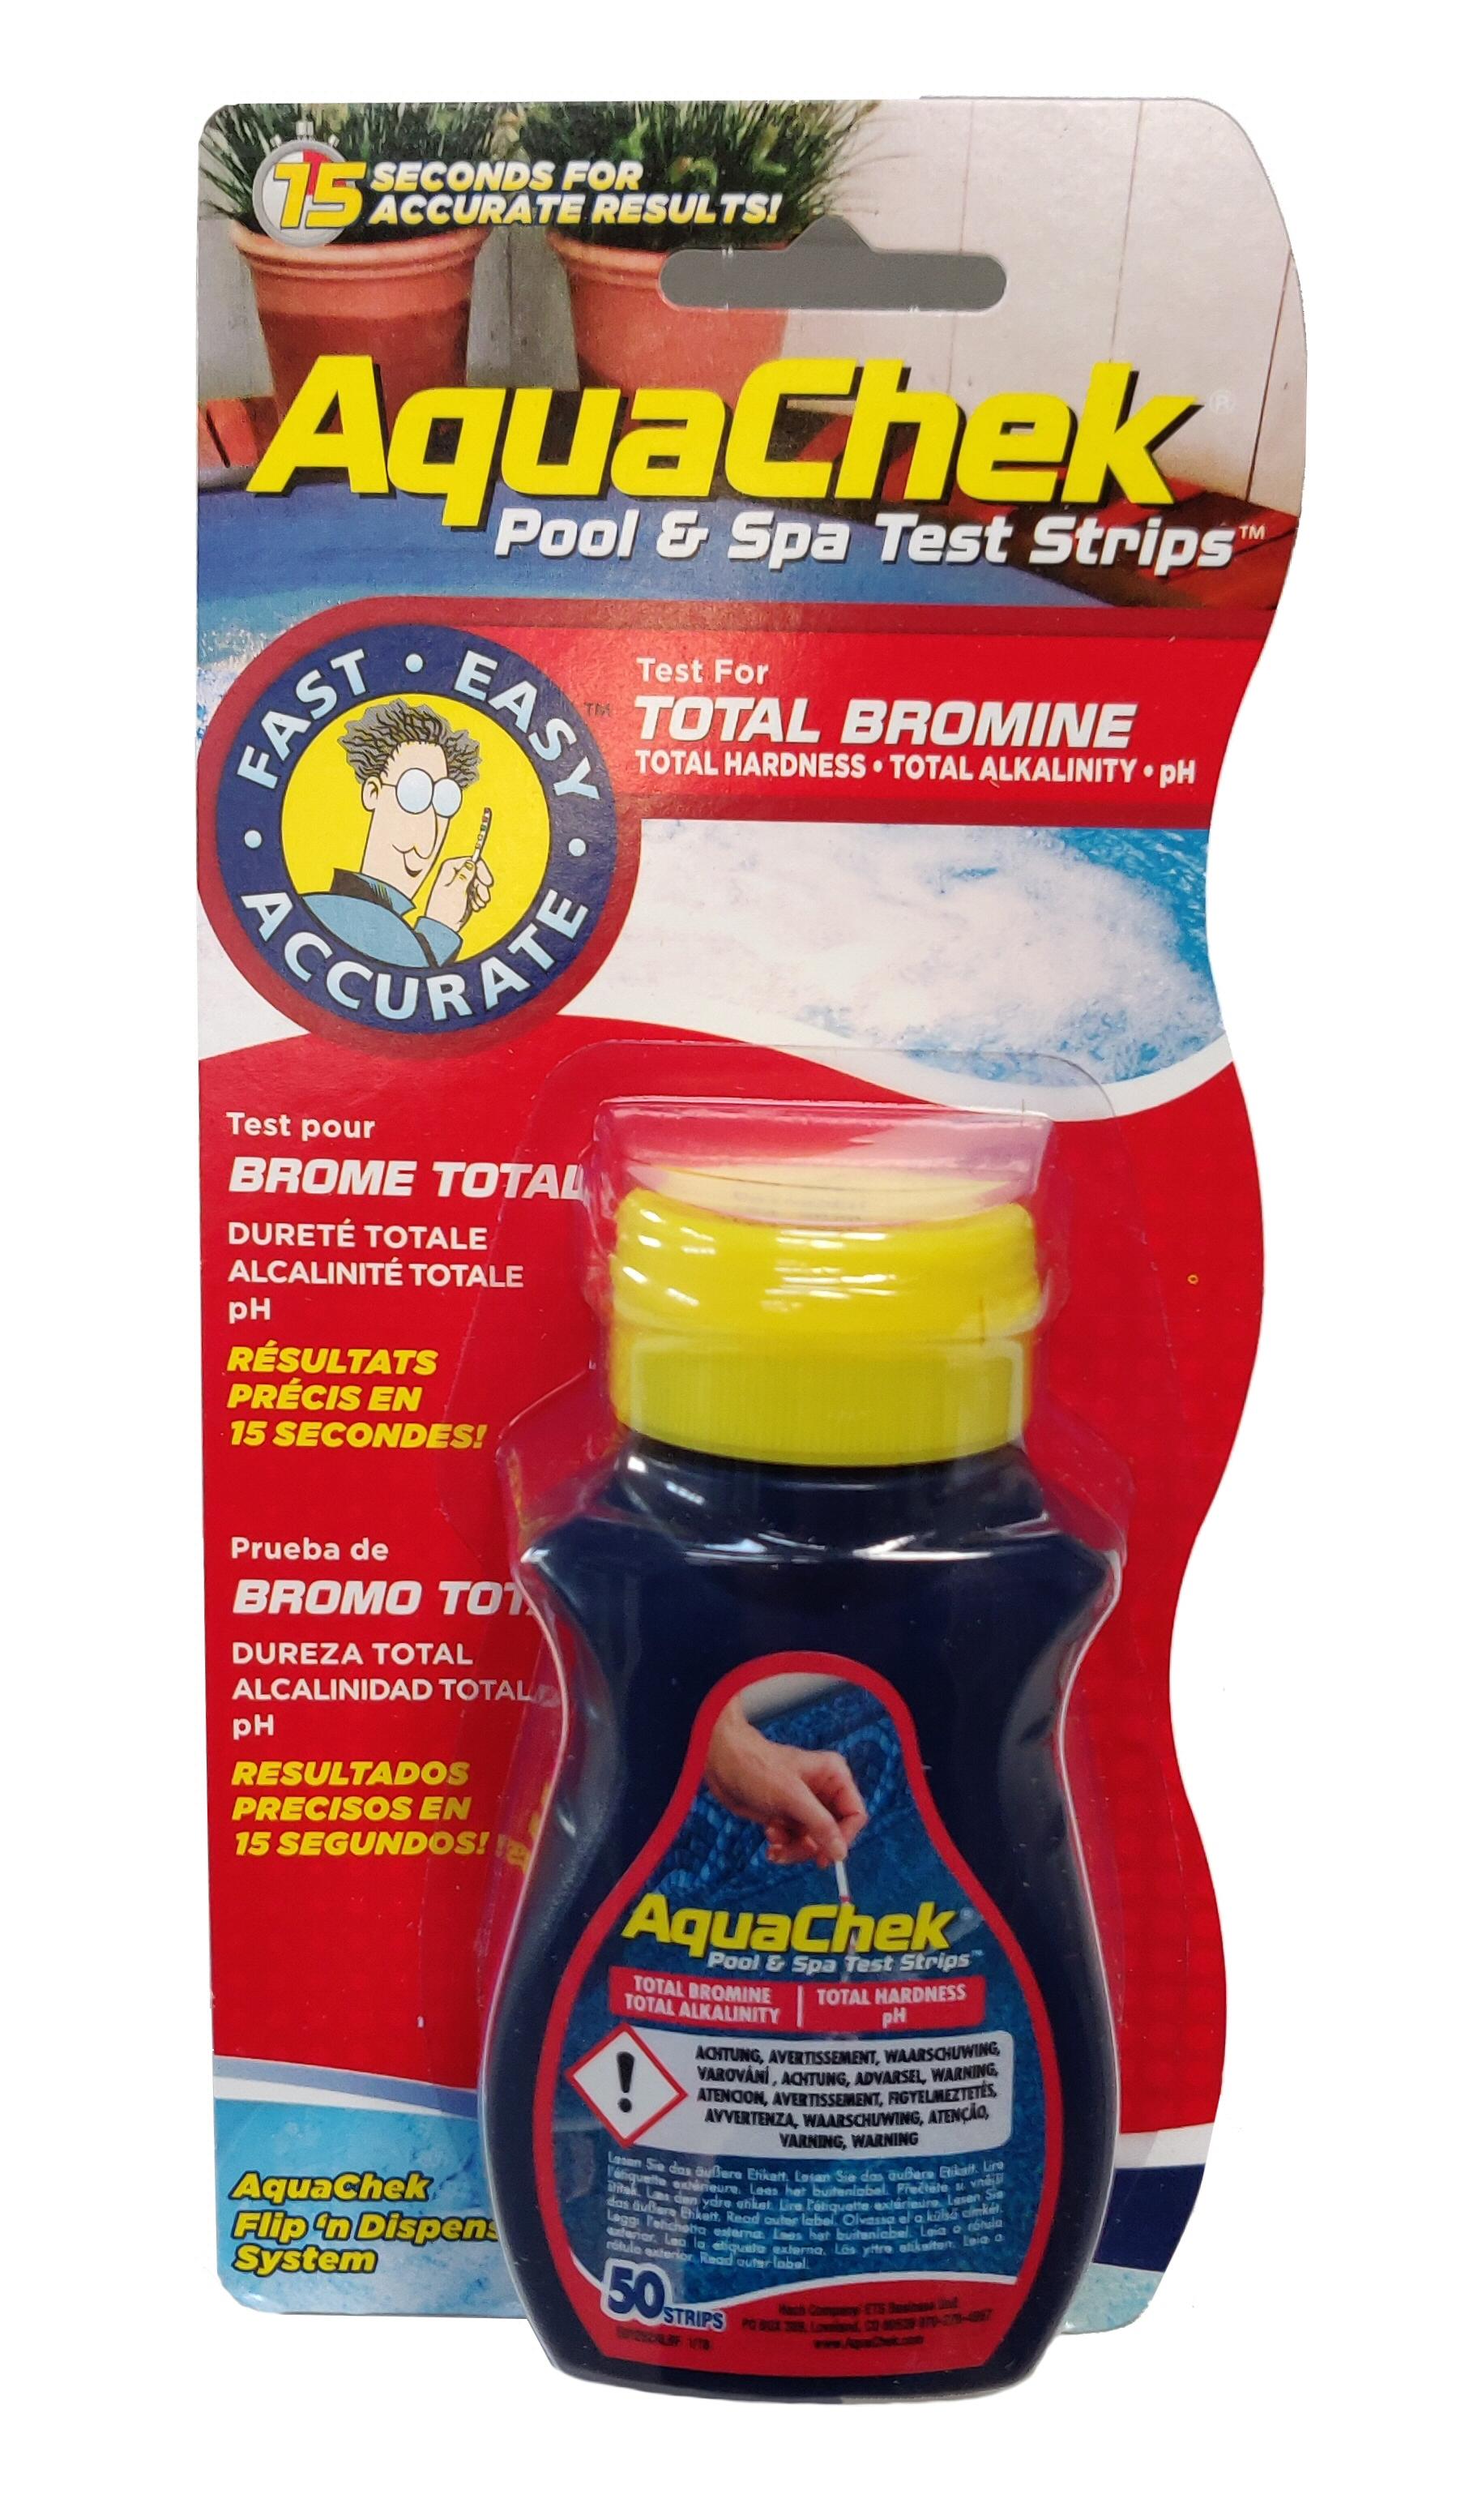 Teststickor, Br/pH/TA